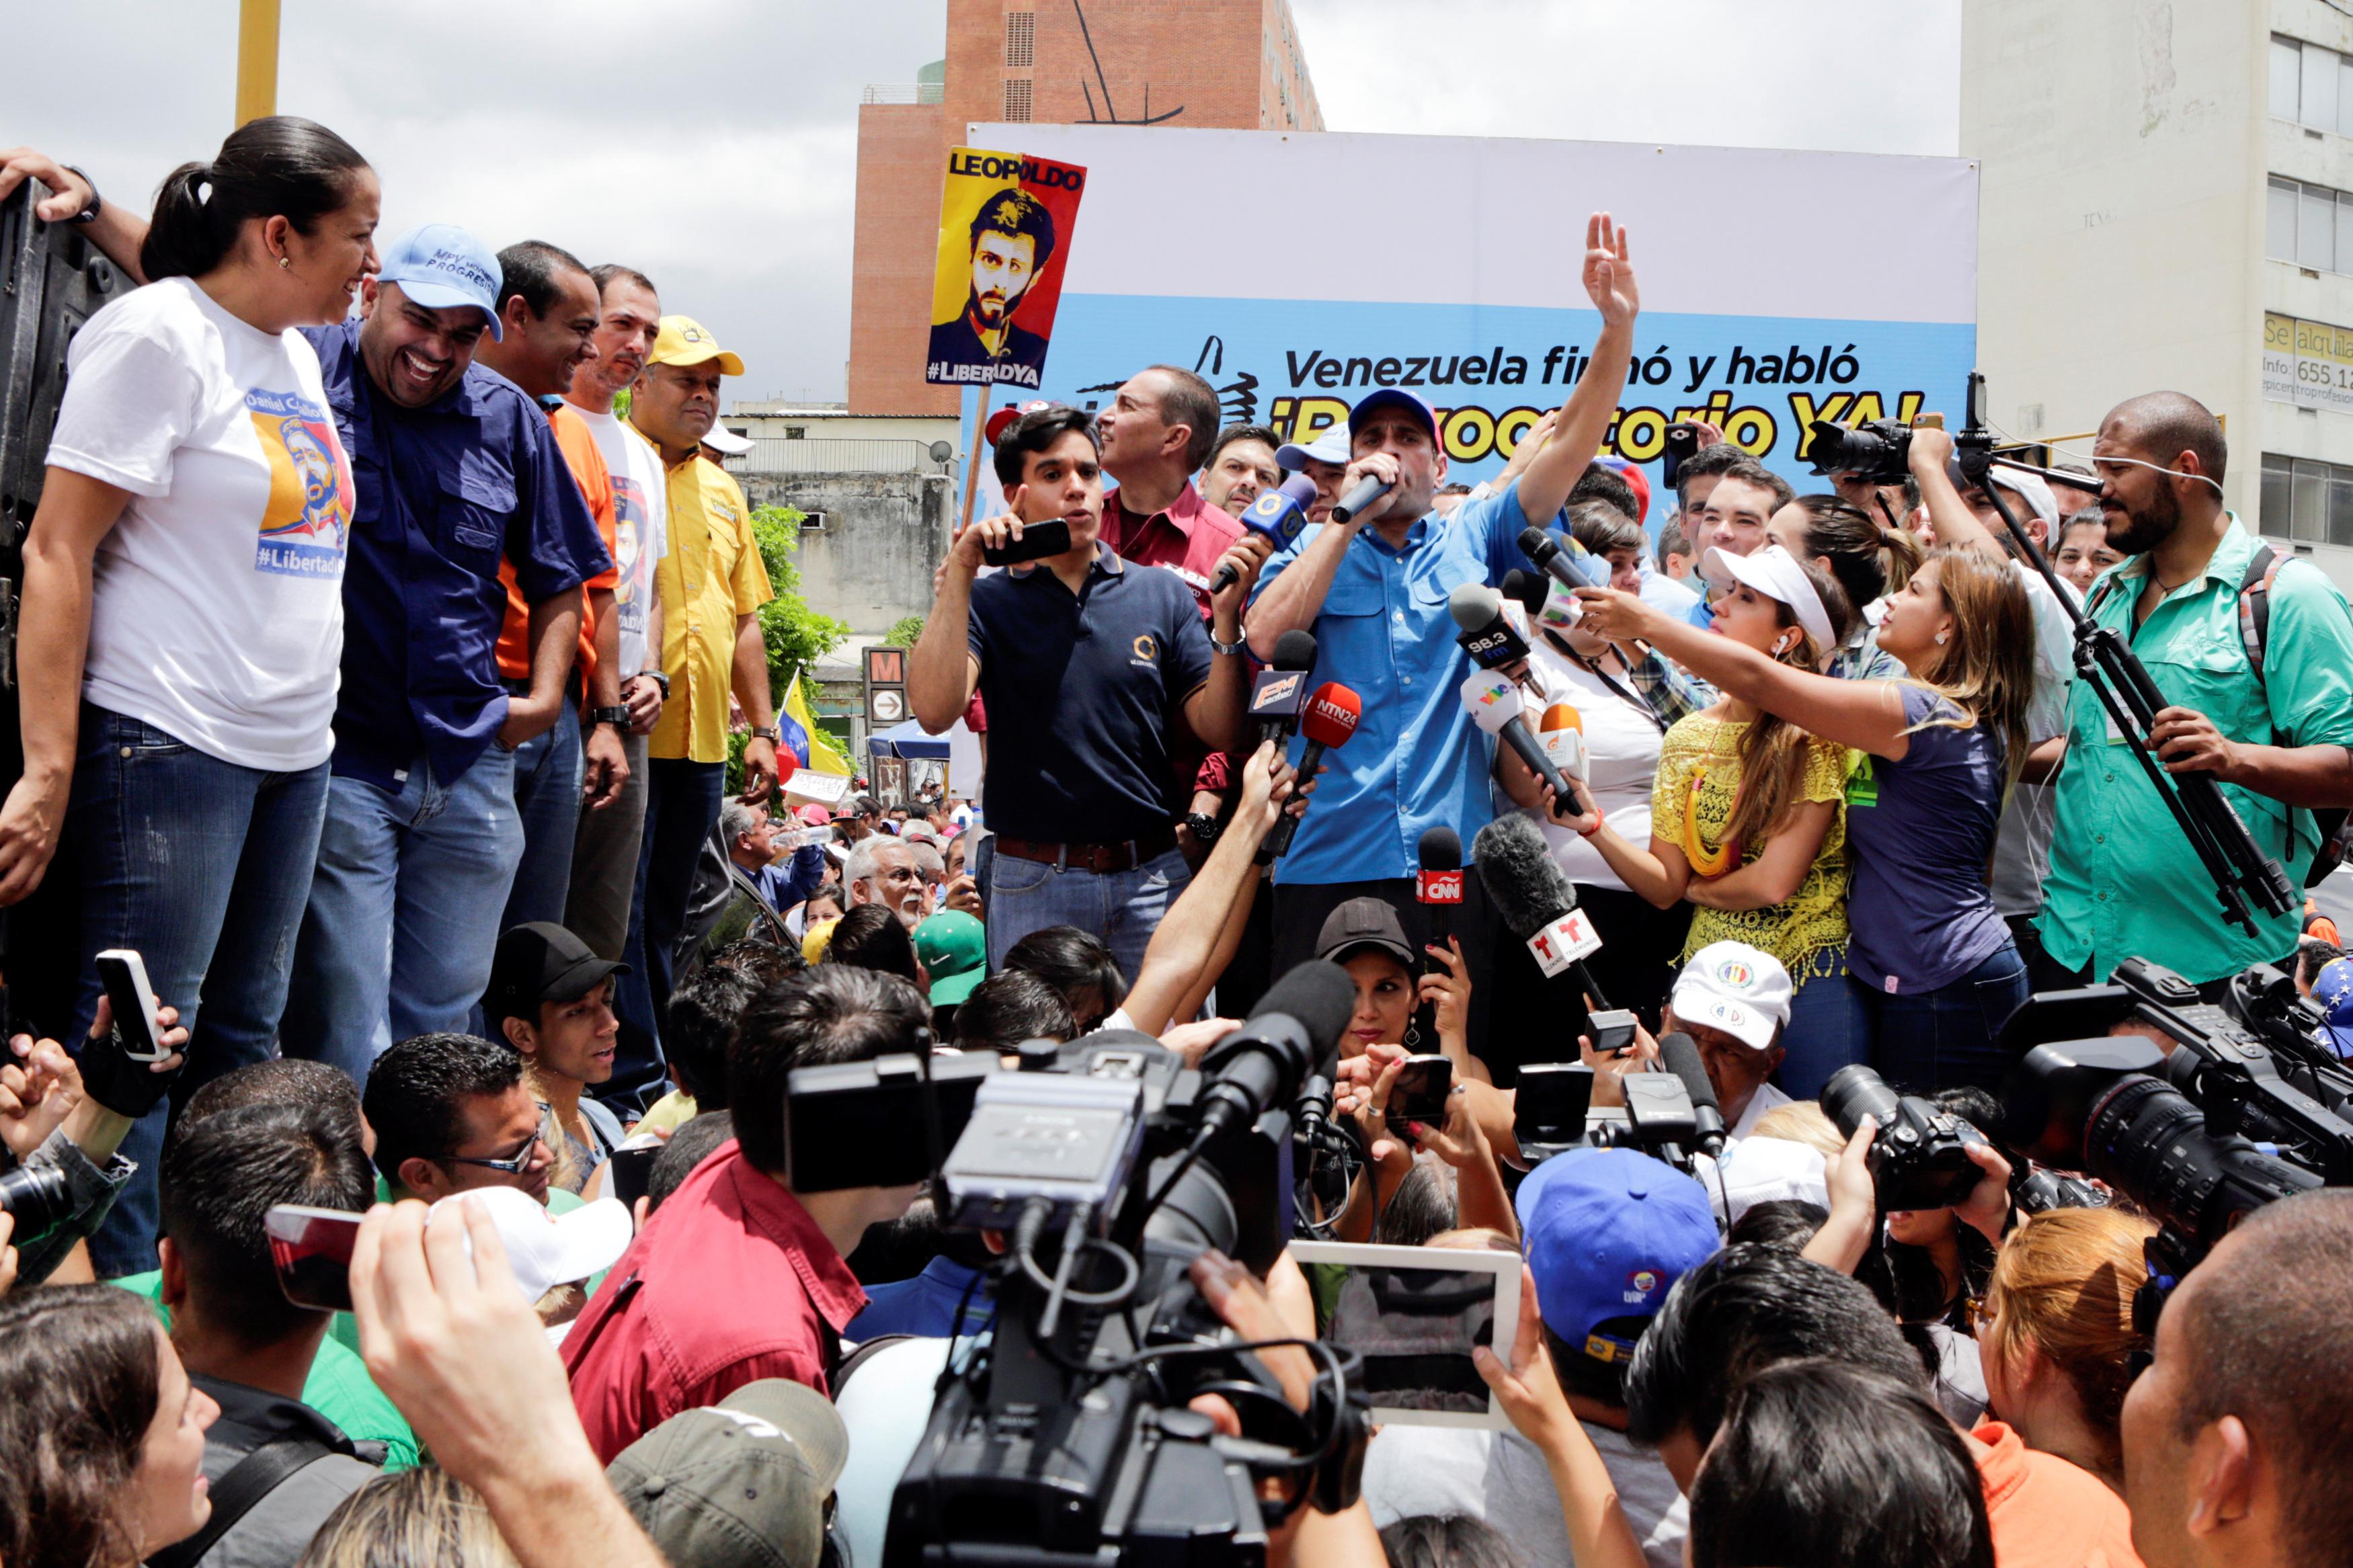 publicsex Venezuela